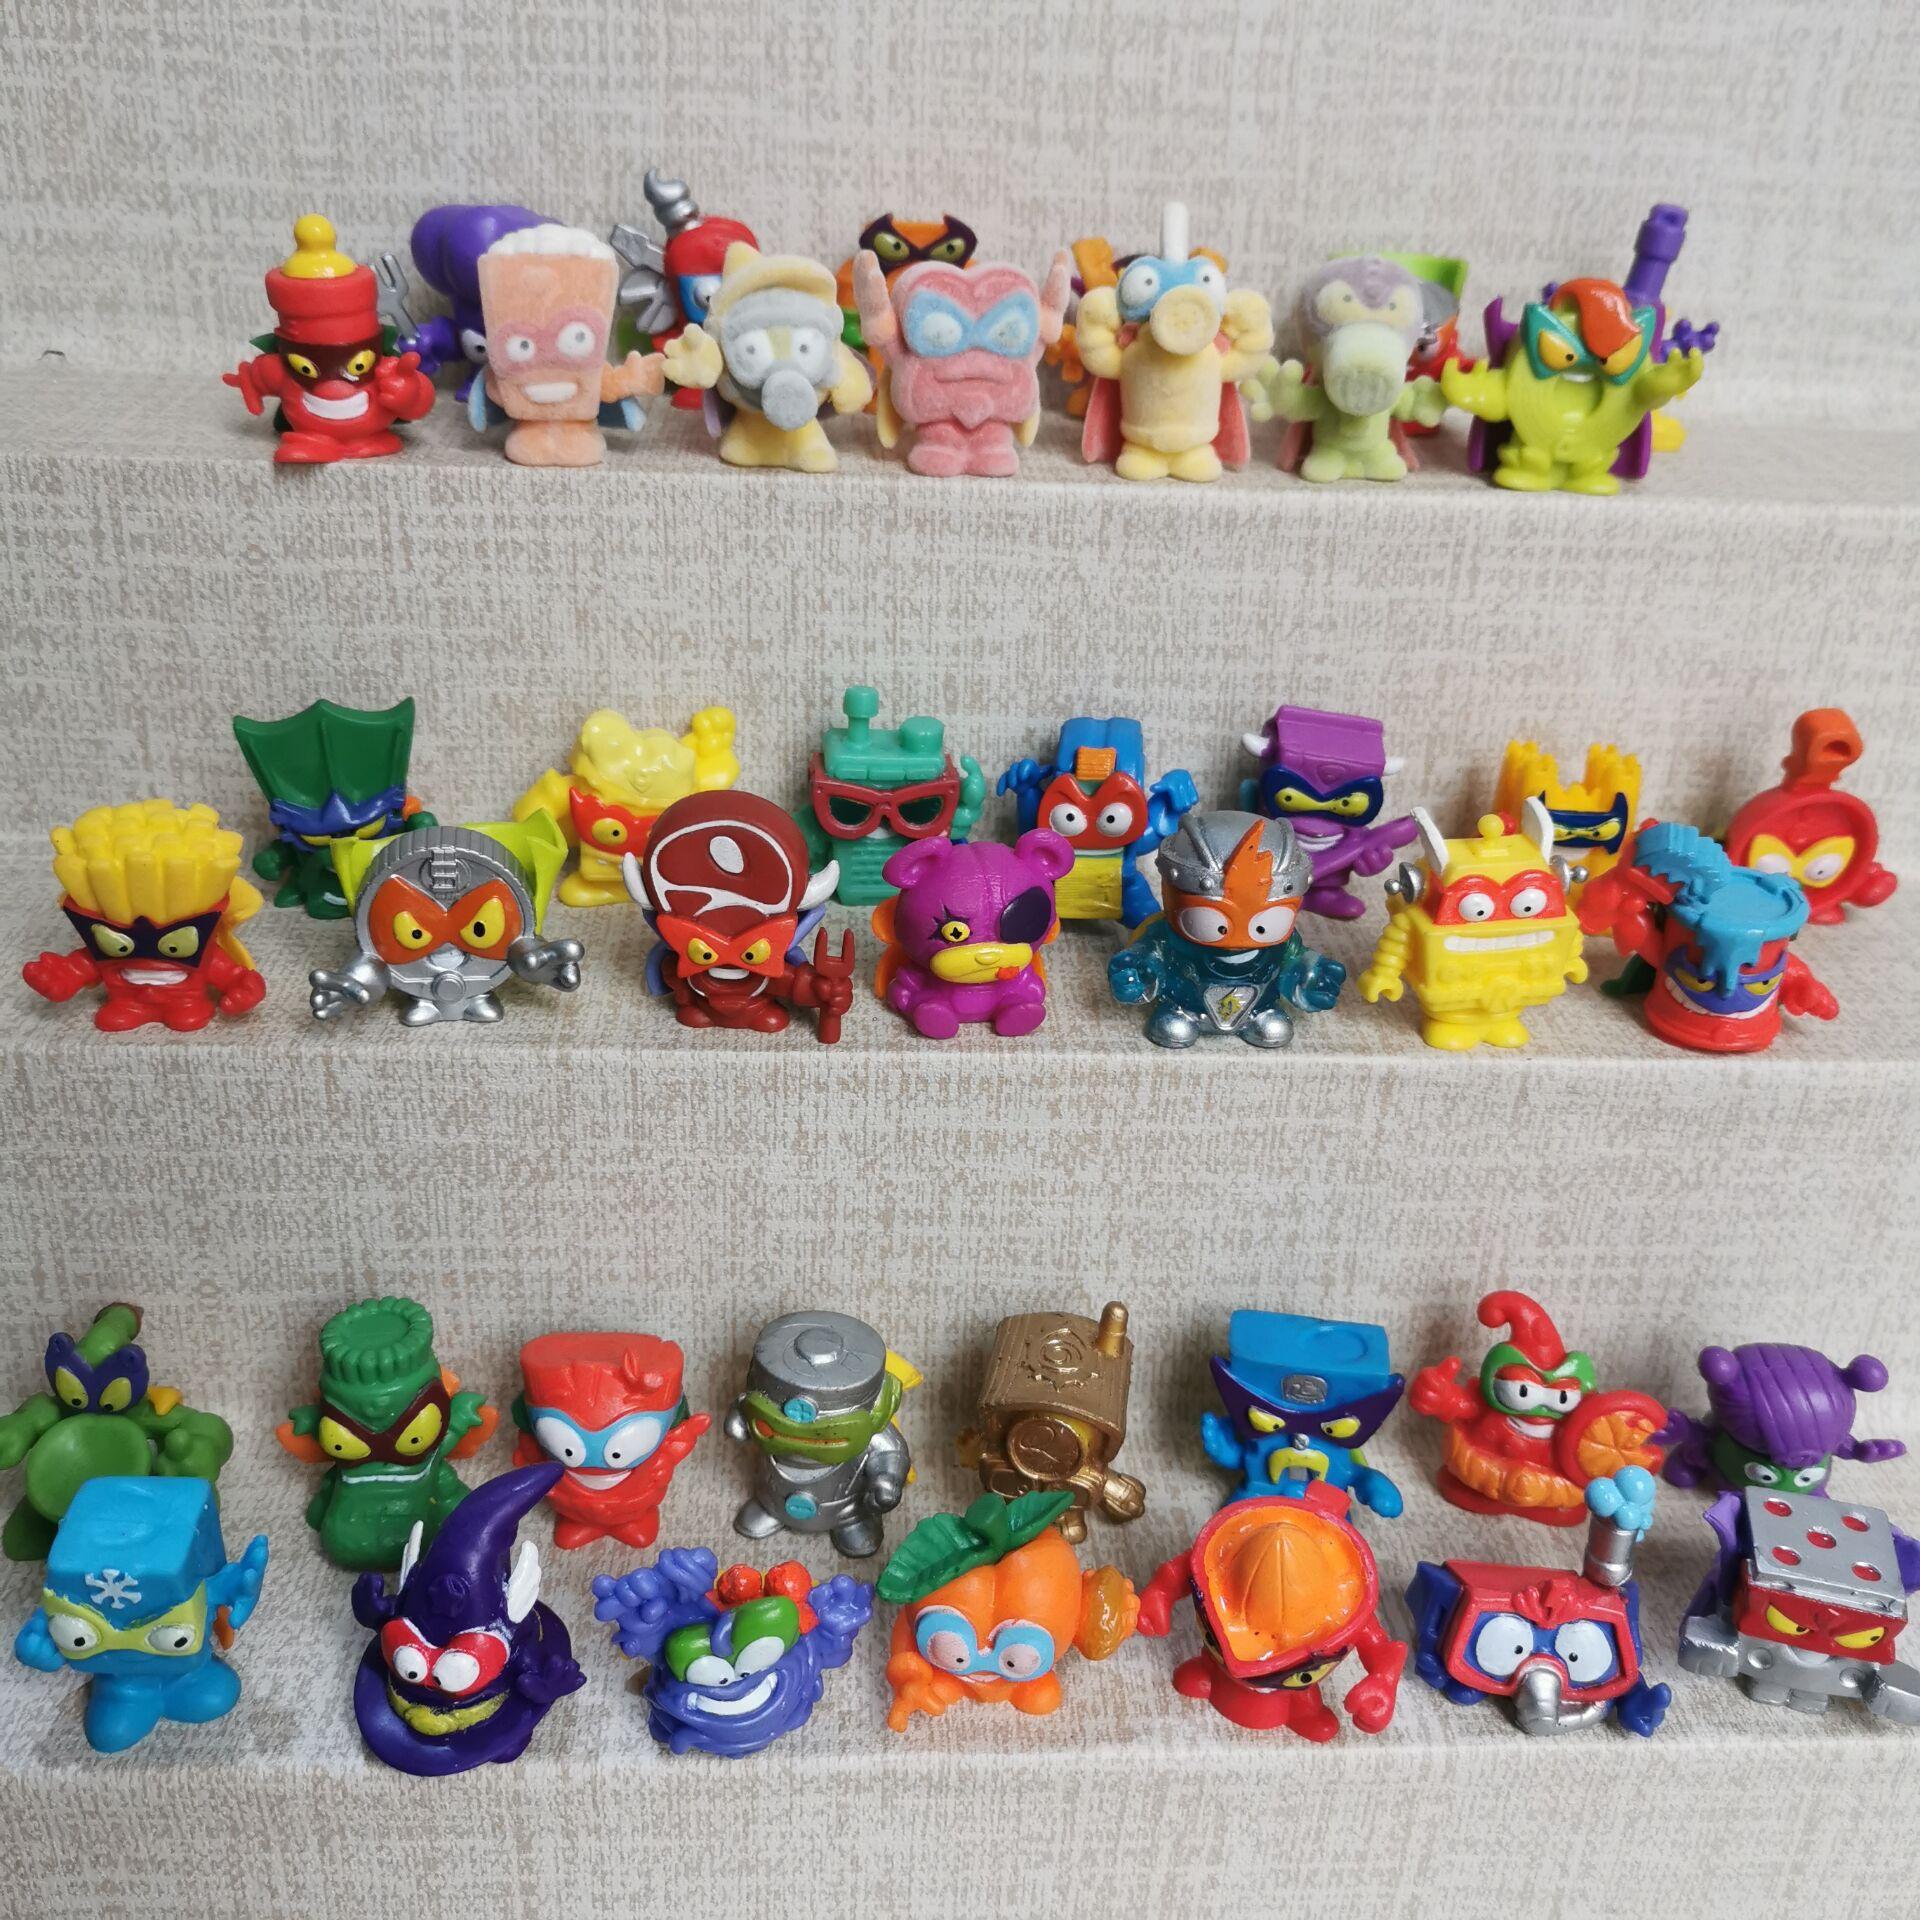 Оригинальный 15 шт. Superzings Superthings фигурки 3 см супер Zings мусора коллекция модели игрушки с дистанционным управлением для детей подарок